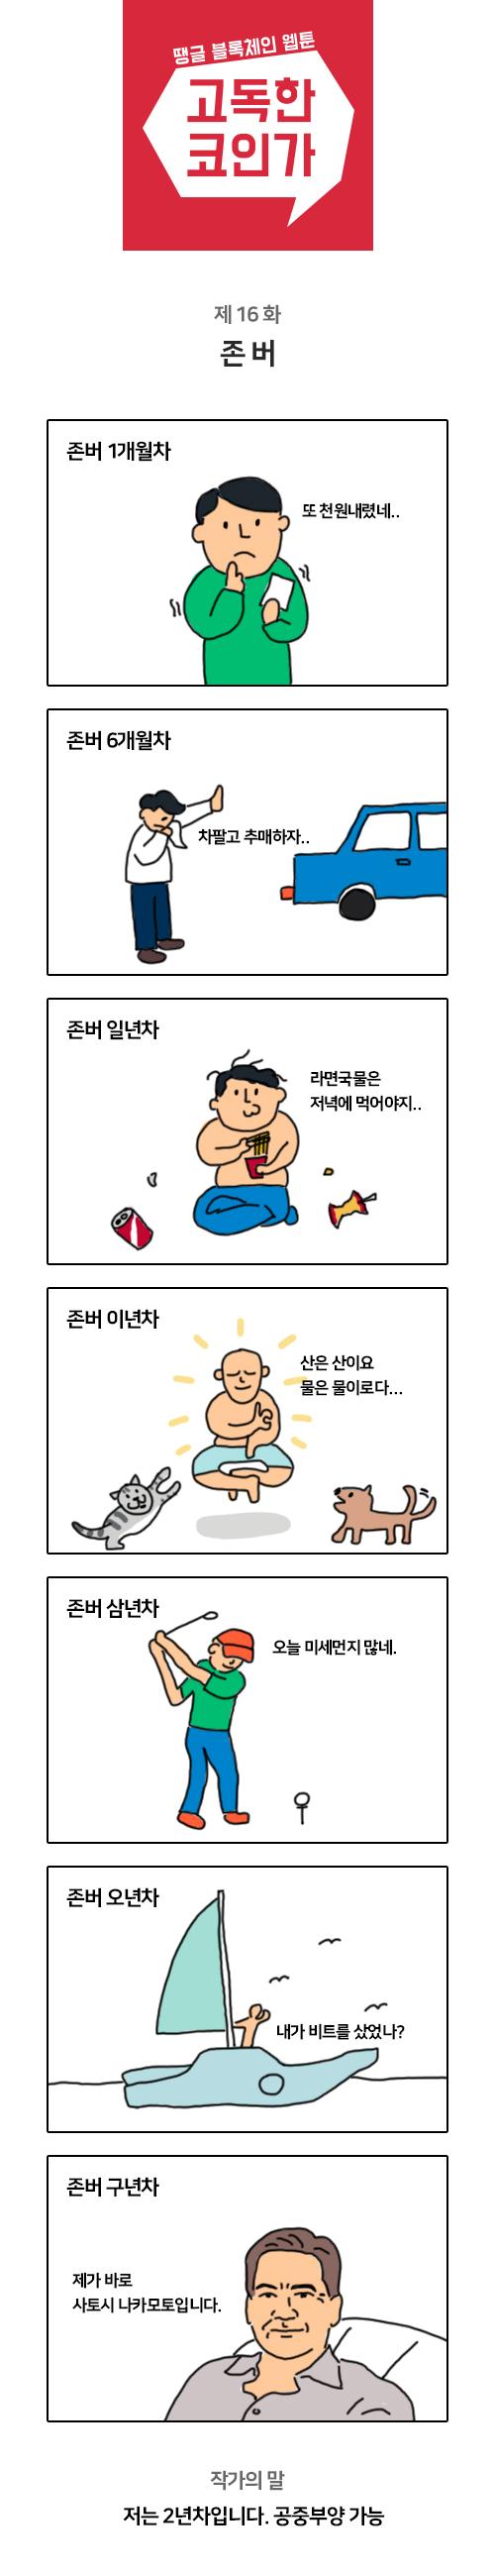 고독한코인가_16화.jpg